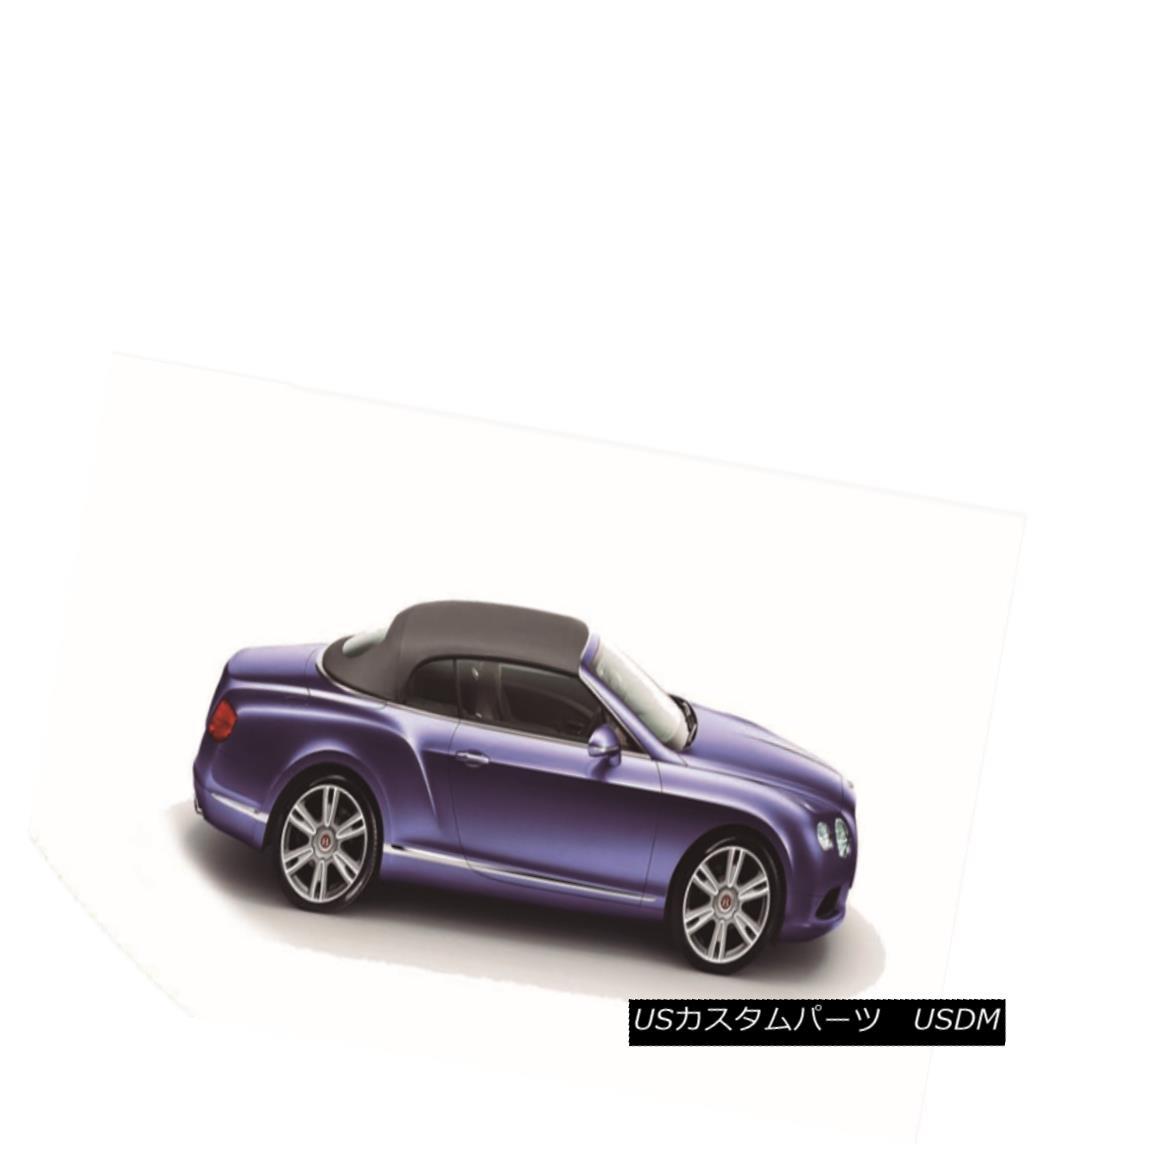 幌・ソフトトップ 2007-2014 Bentley GT GTC Replacement Convertible Soft Top- BLACK Twillfast RPC 2007-2014ベントレーGT GTC交換用コンバーチブルソフトトップ - BLACKツイルファーストRPC